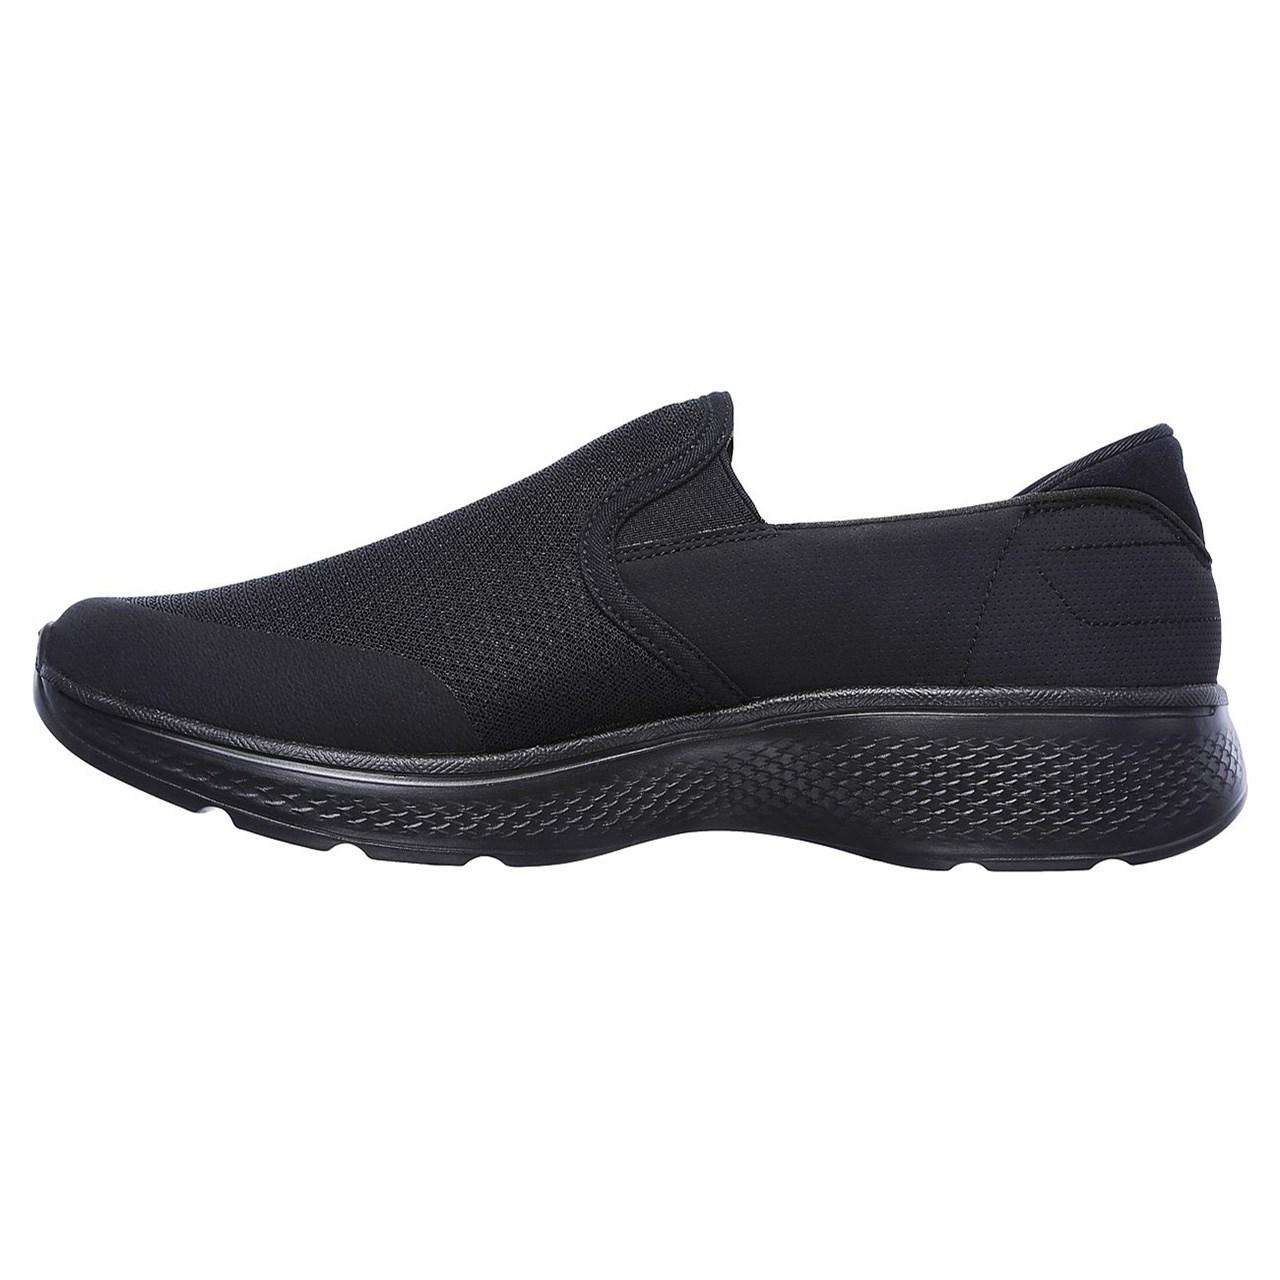 کفش راحتی مردانه اسکچرز مدل  GOWALK 4 - CONTAIN